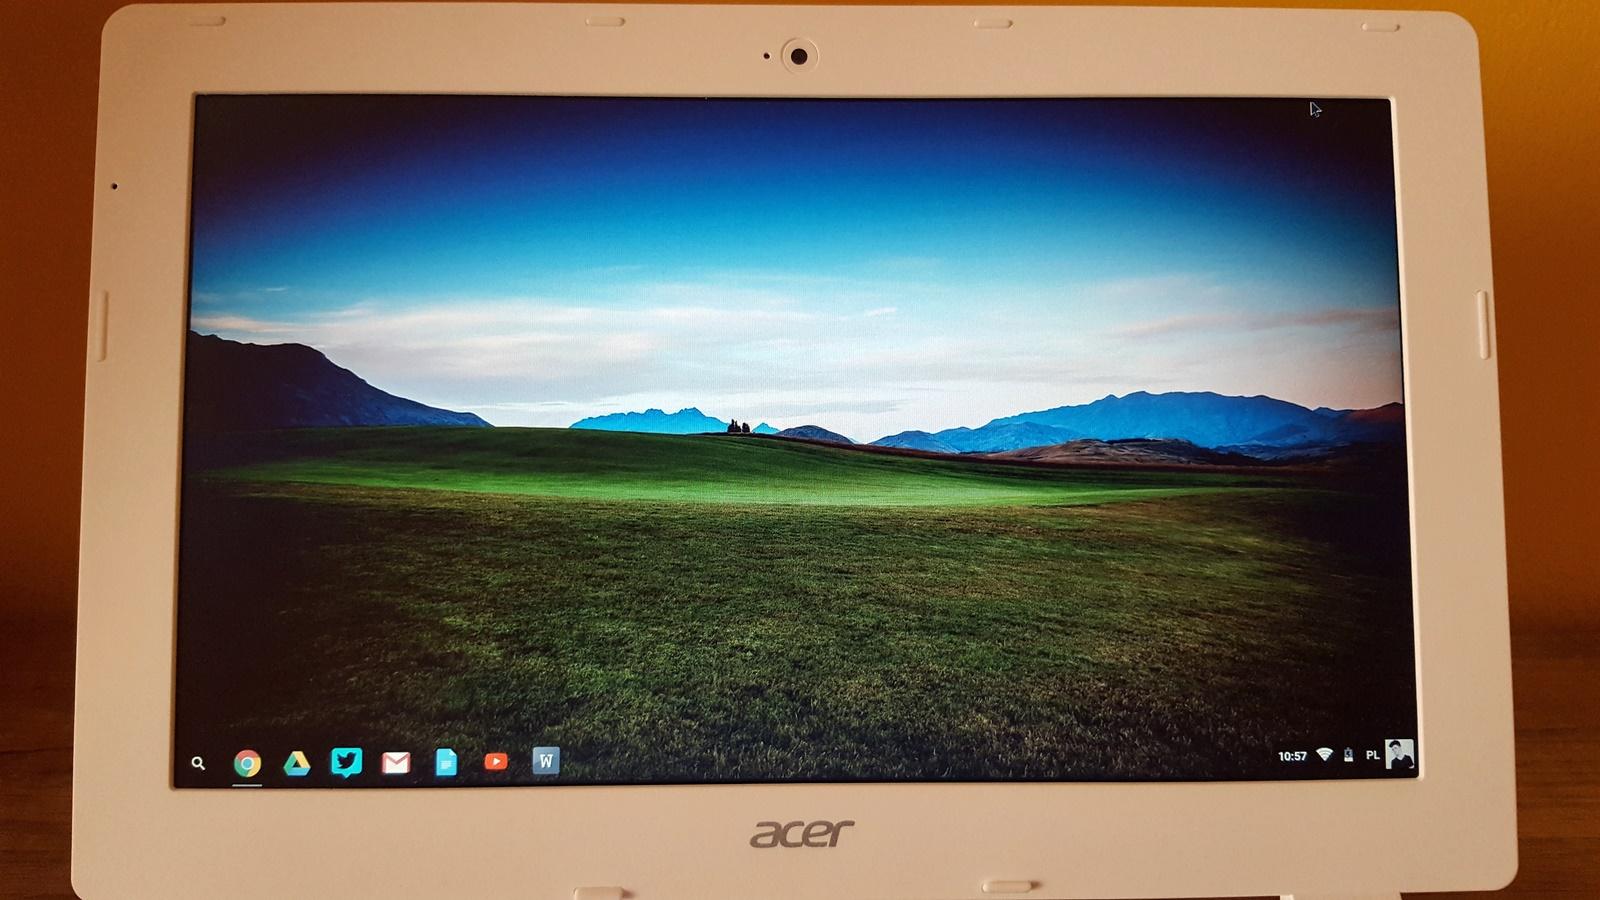 Ekran w Acer Chromebook 11 / fot. galaktyczny